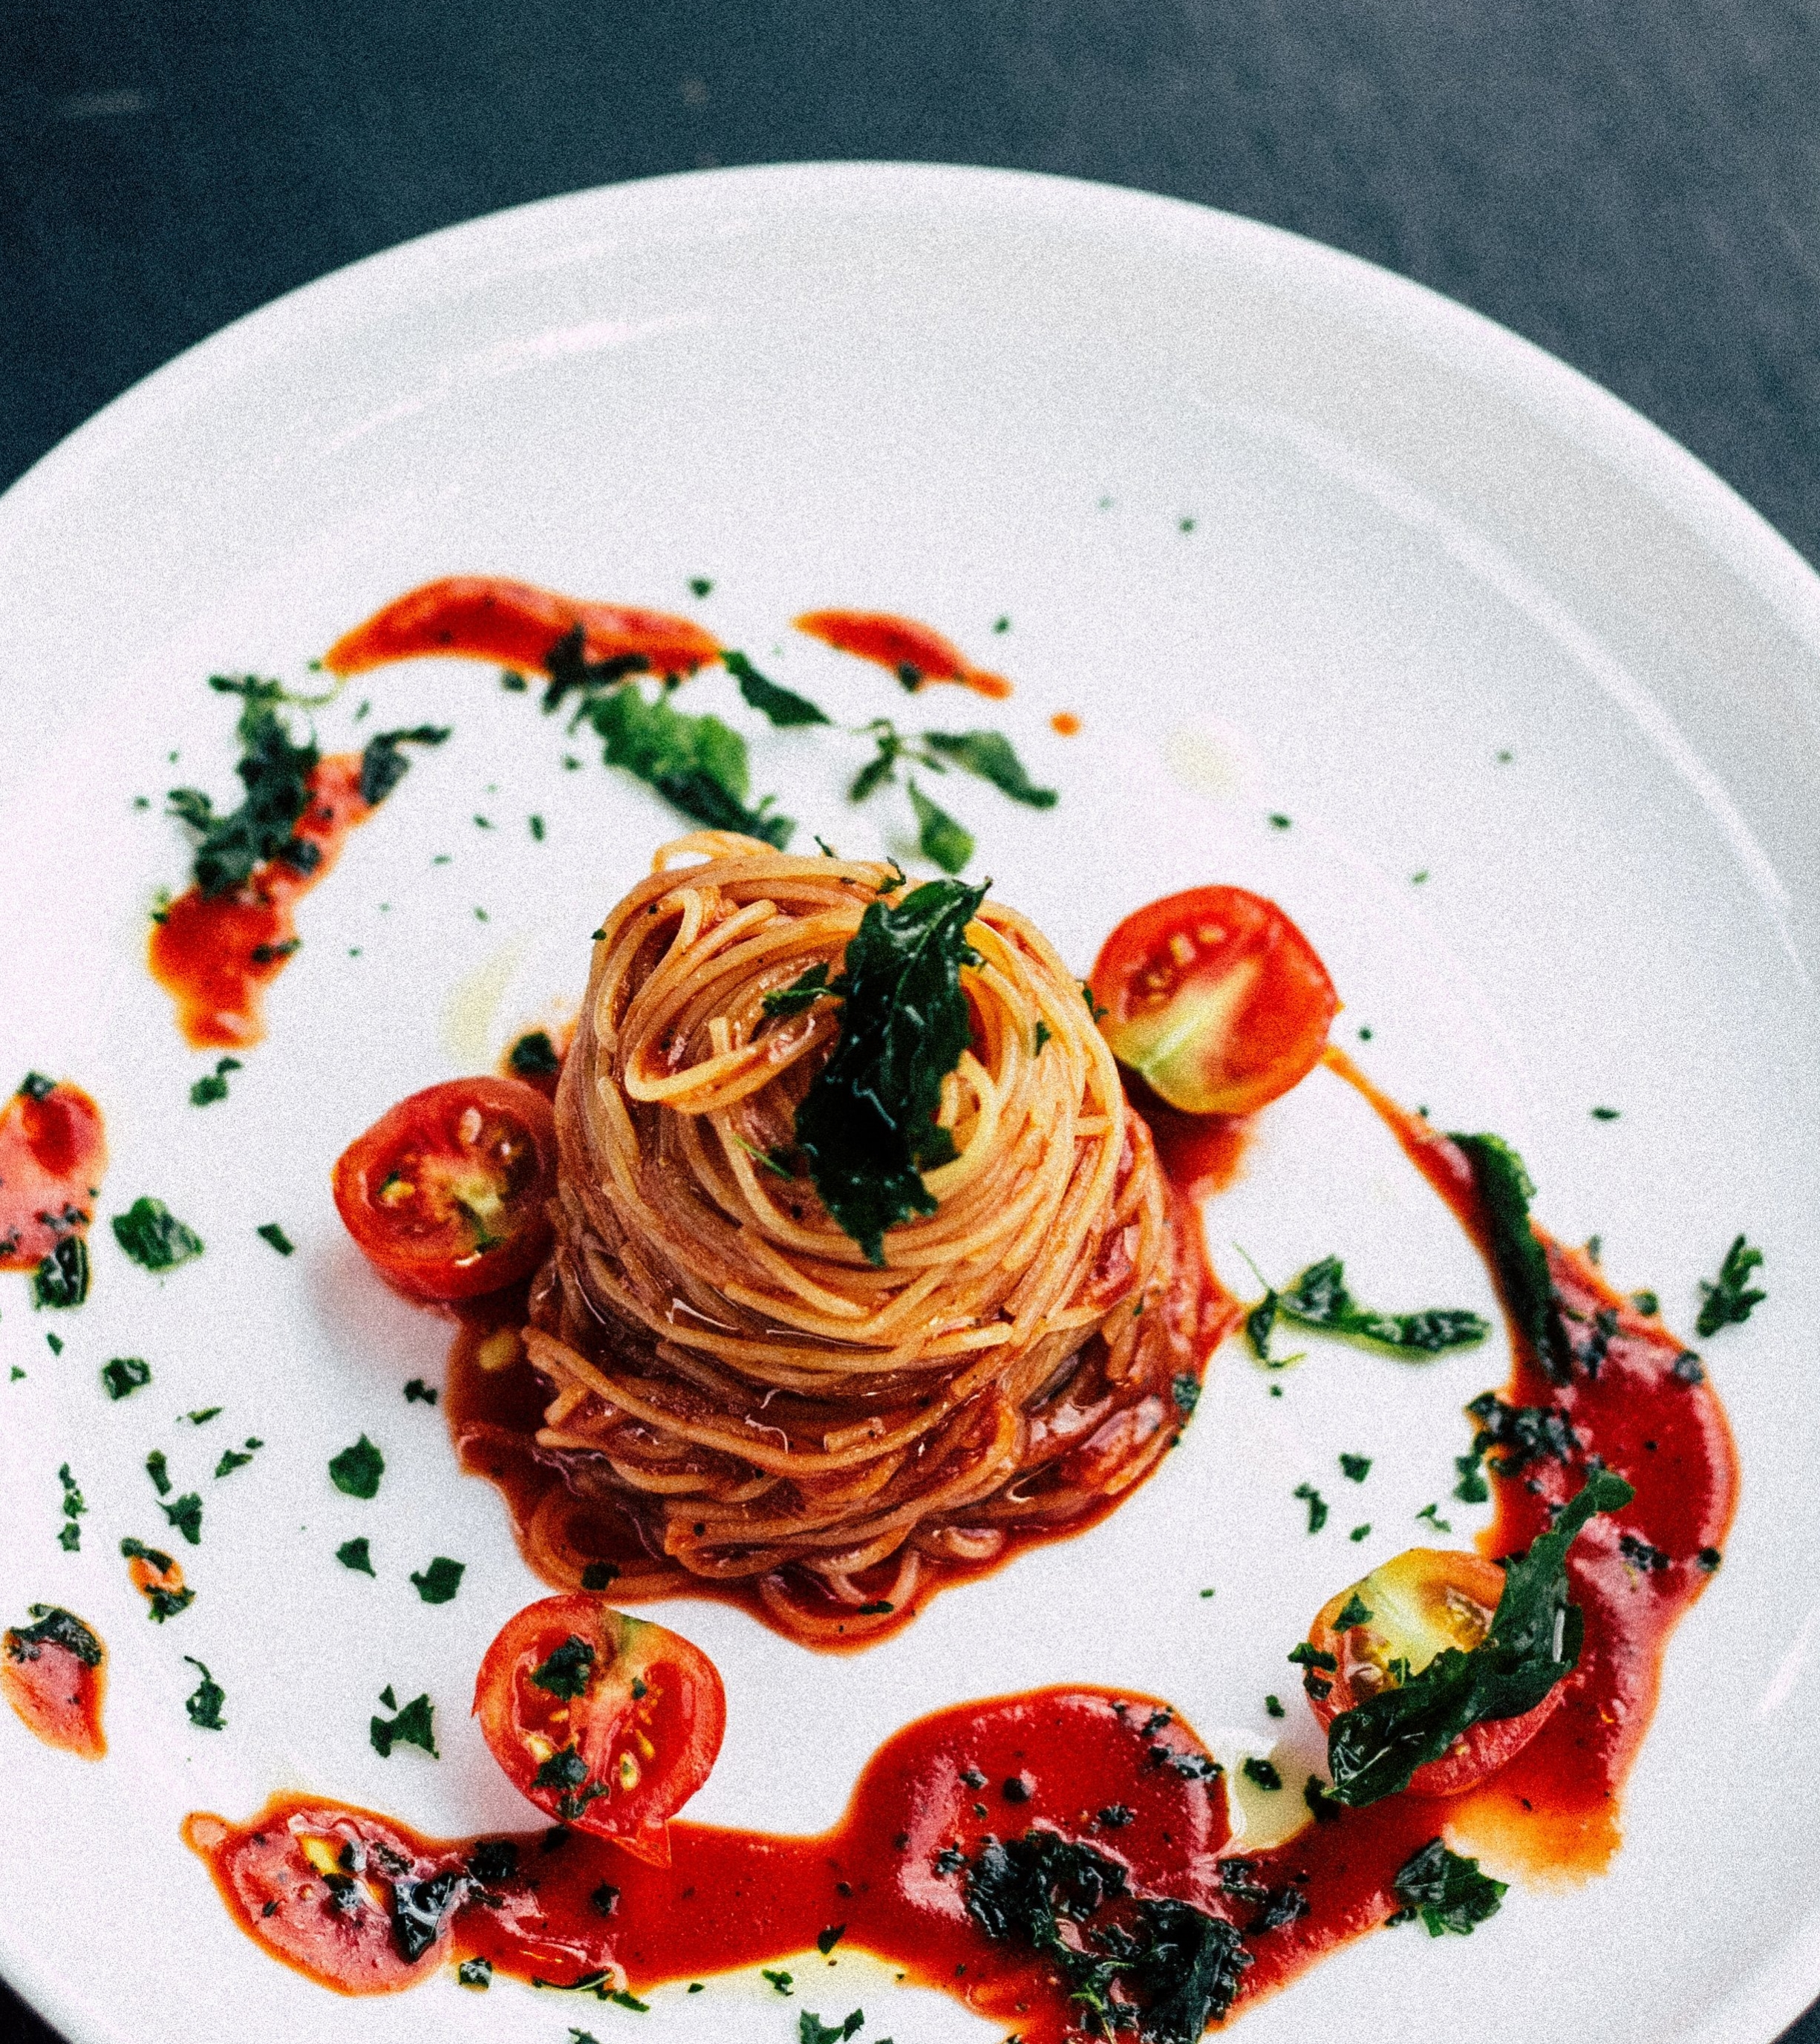 Il festival si concentra sulle regine della cucina italiana: pasta e pizza. Foto di Vitchakorn Koonyosying